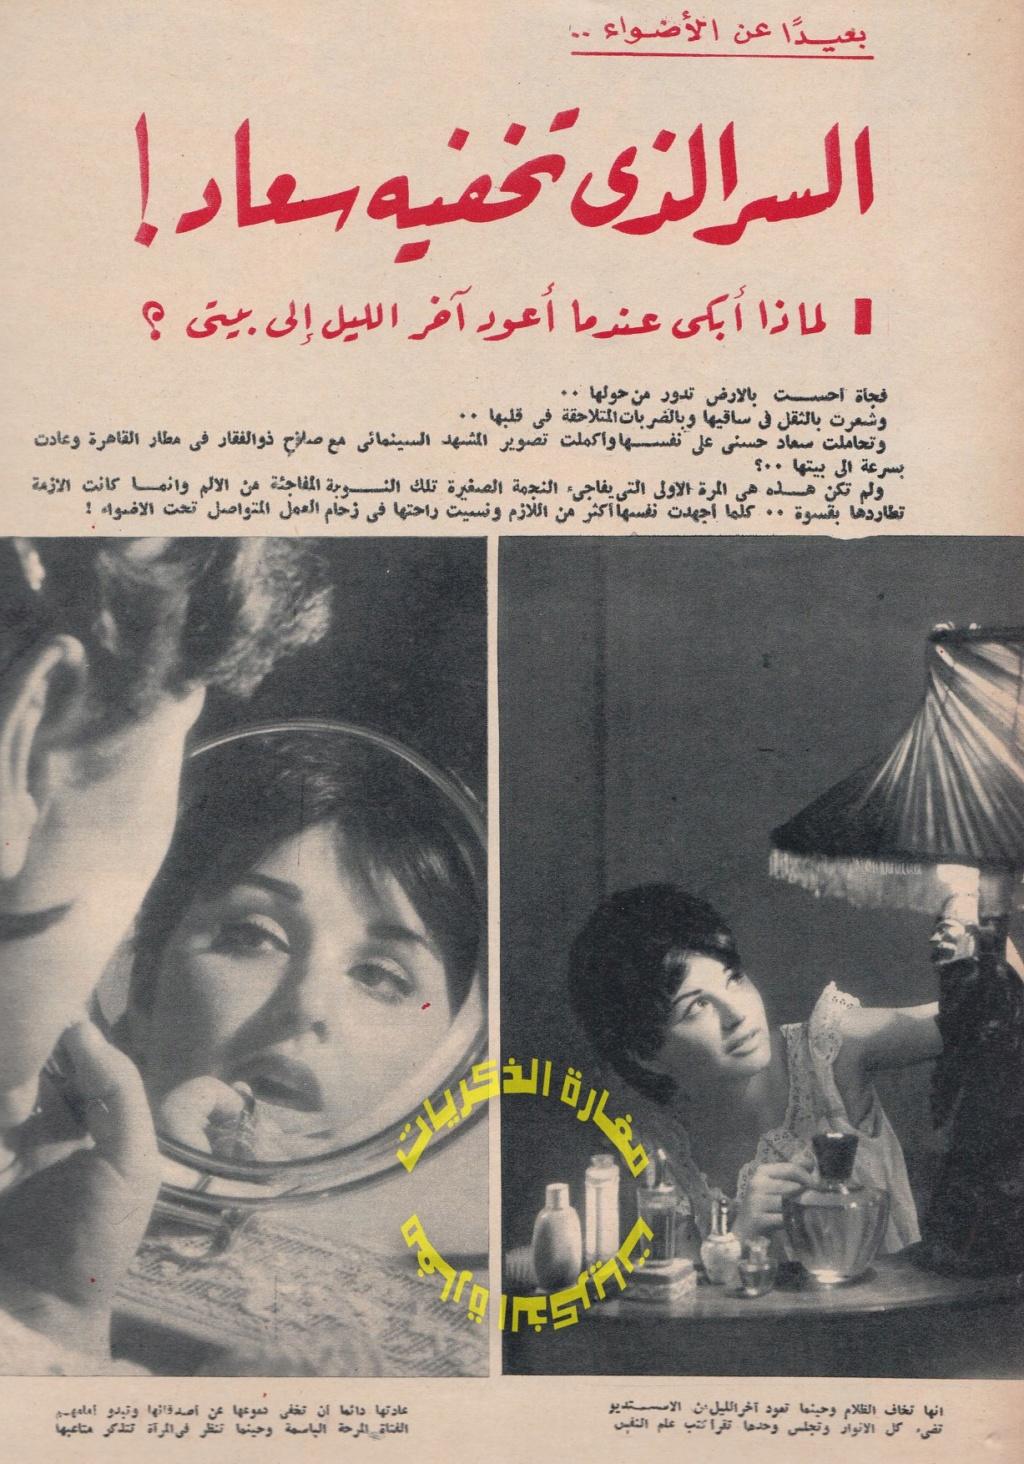 مقال صحفي : بعيداً عن الأضواء .. السر الذي تخفيه سعاد ! 1962 م 132